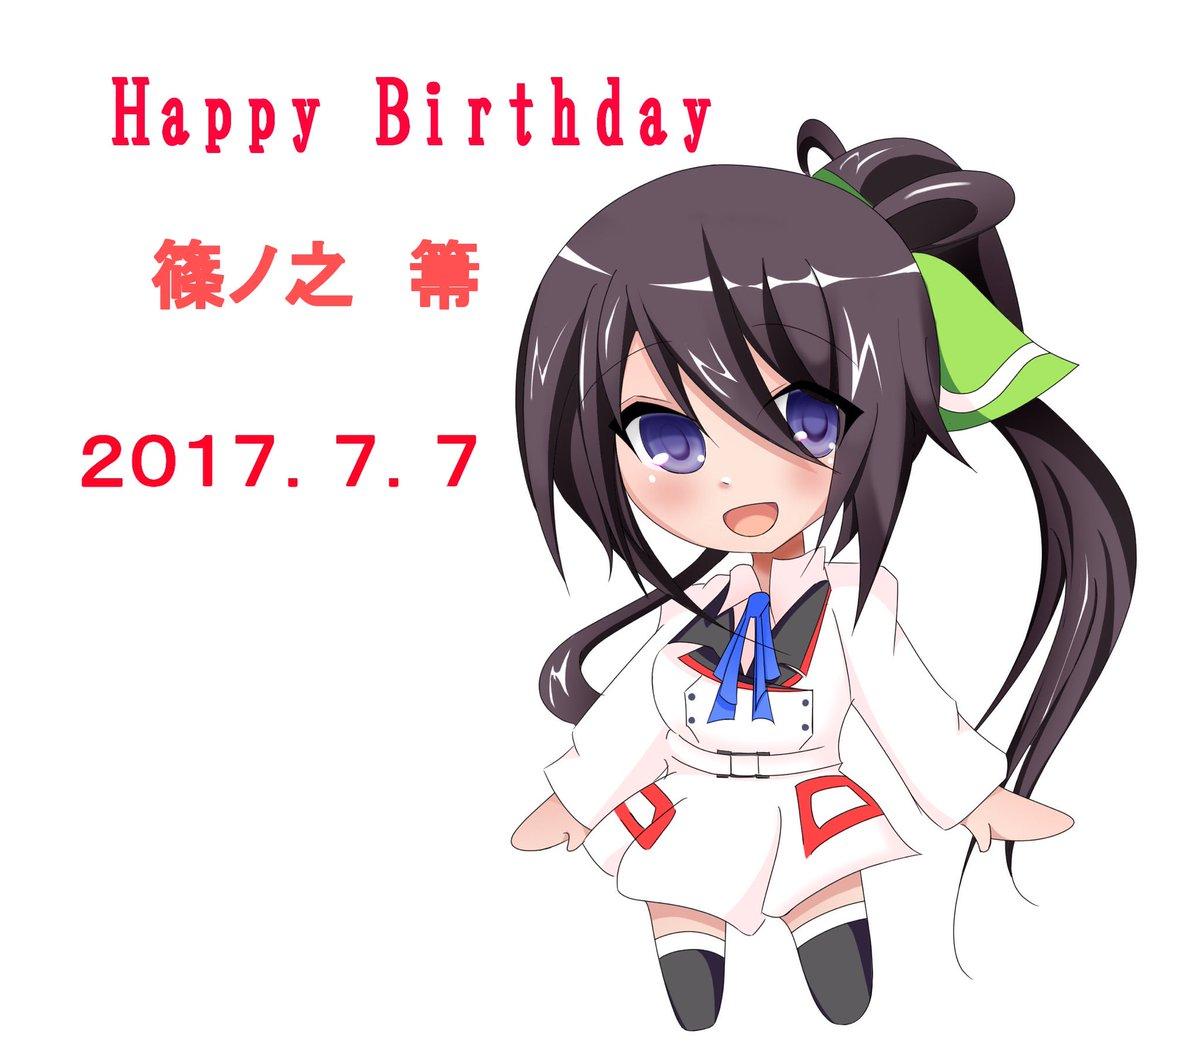 箒ちゃんの誕生日なのでチビキャラ描きました(^o^)今年は時間が取れなかったけど来年は一枚絵でお祝いしたいです( ´ ▽